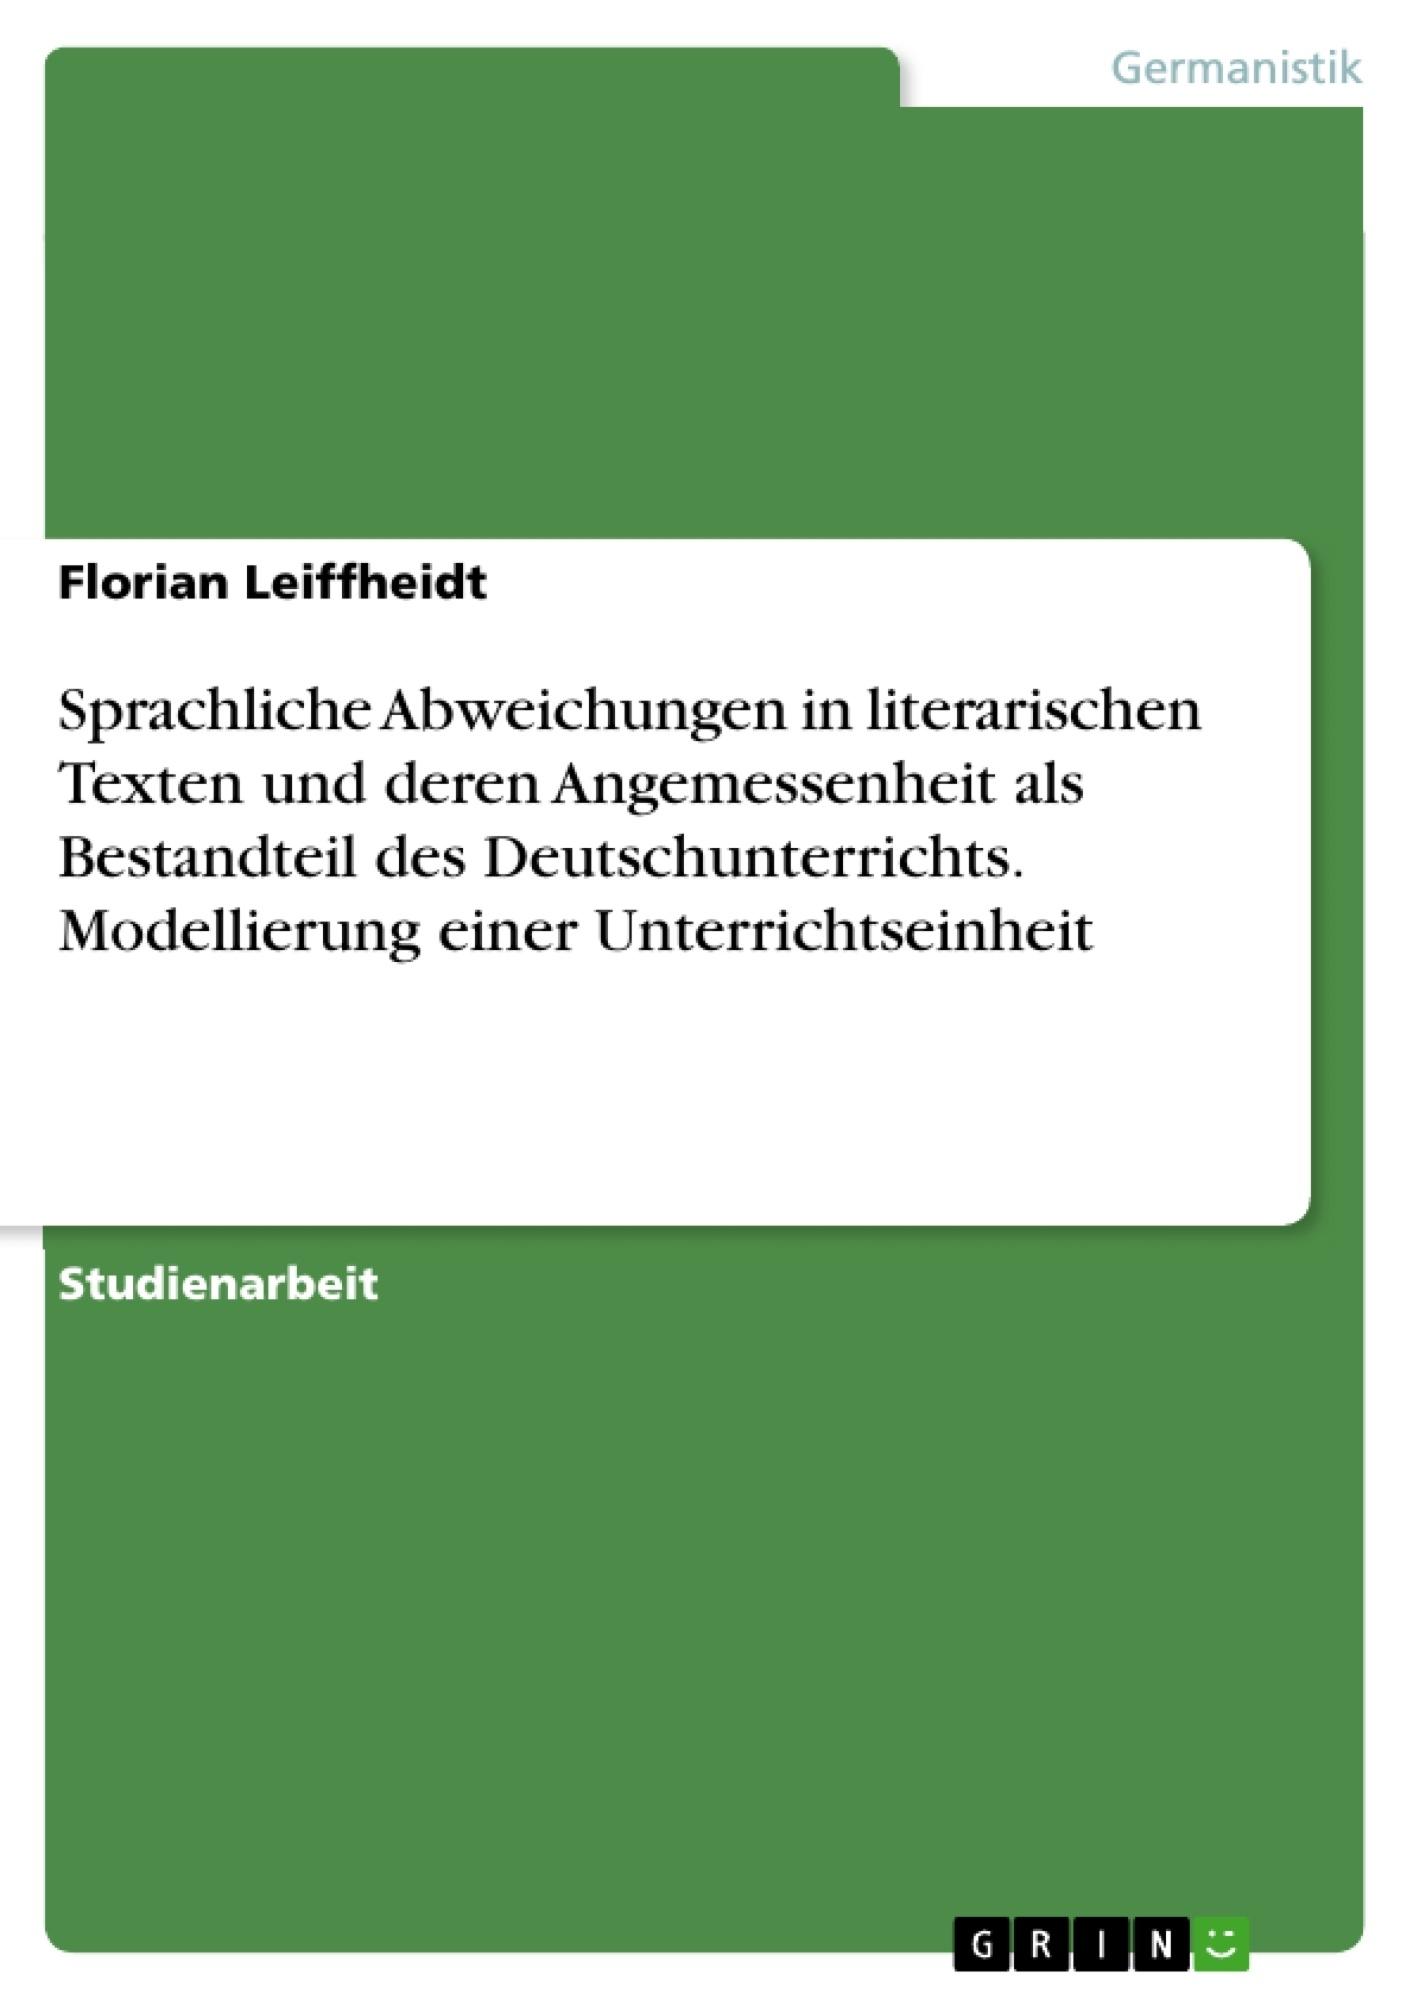 Titel: Sprachliche Abweichungen in literarischen Texten und deren Angemessenheit als Bestandteil des Deutschunterrichts. Modellierung einer Unterrichtseinheit